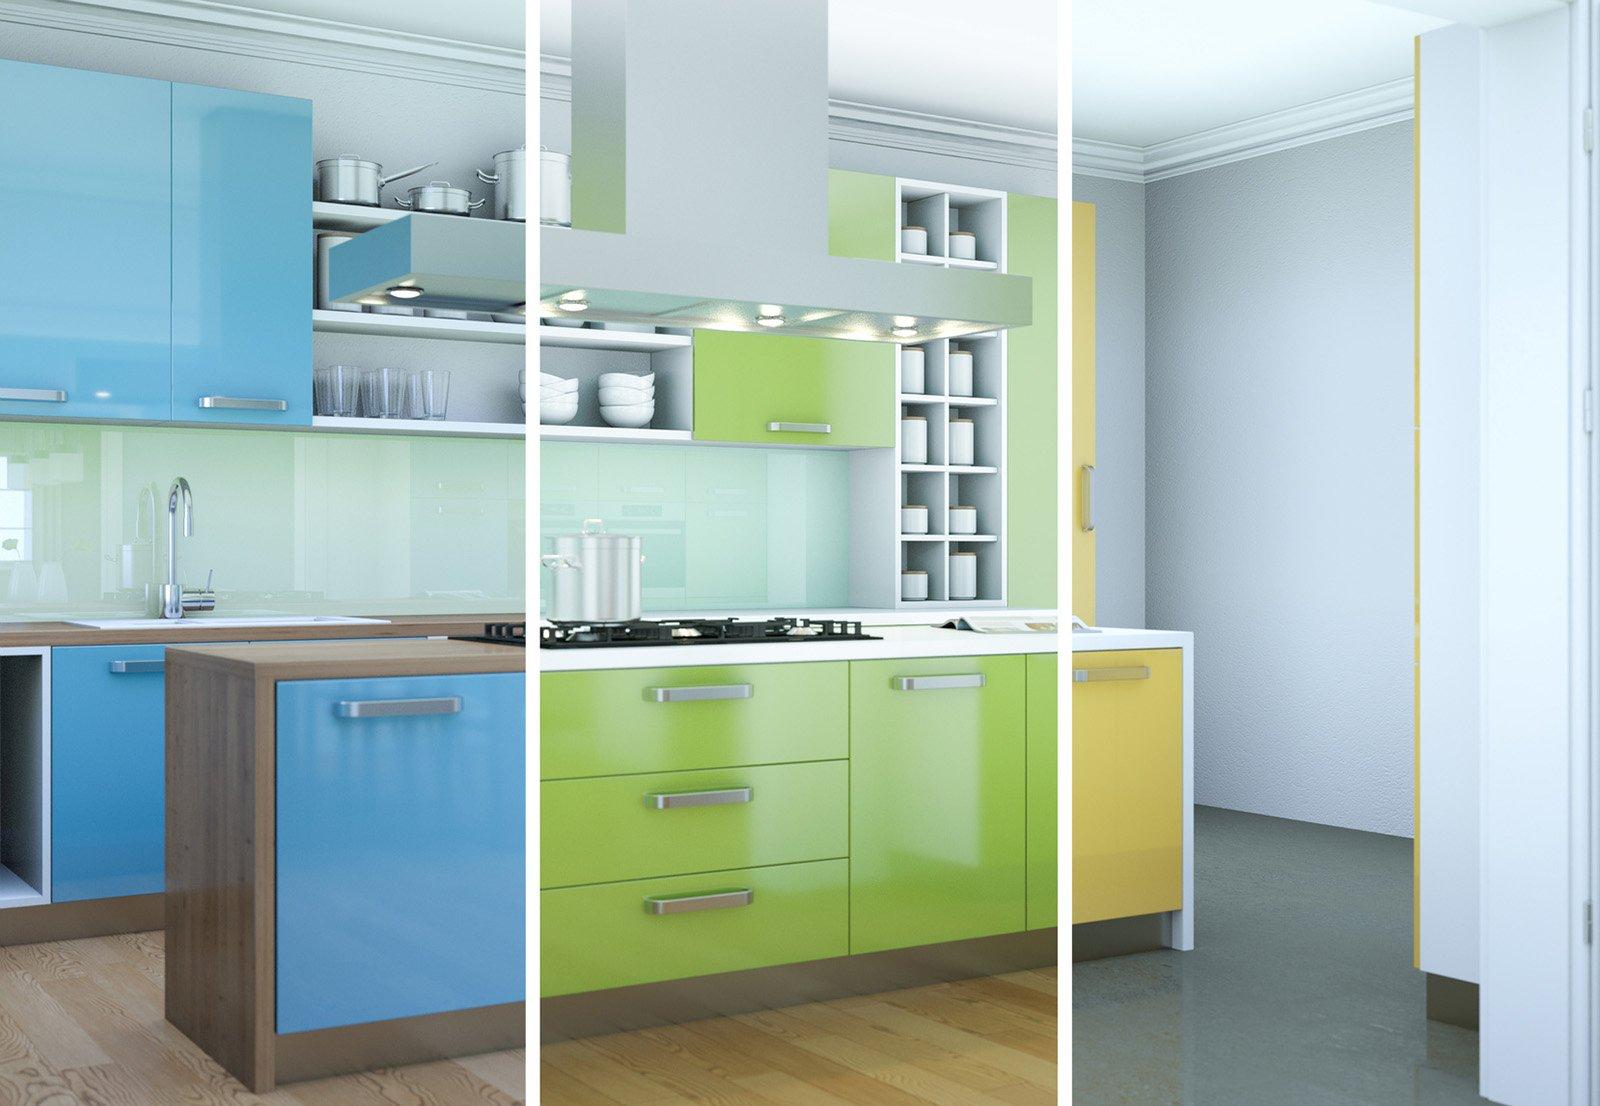 Rinnovare la cucina in modo soft poco lavoro e poca spesa for Mobili cucina fai da te